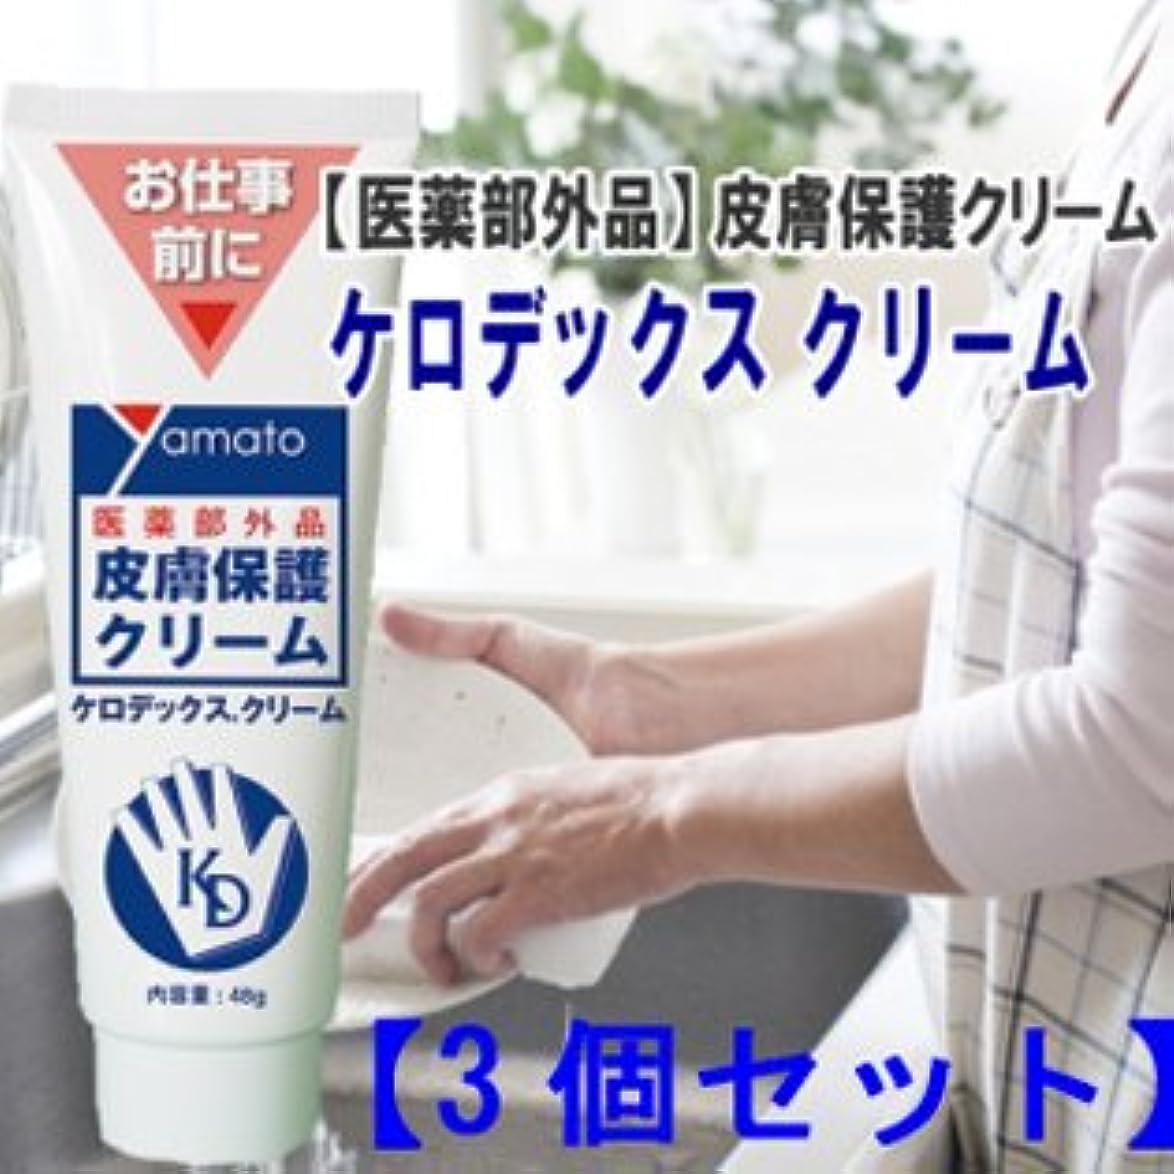 非行救出ハッピー医薬部外品 皮膚保護クリーム ケロデックスクリーム48g 3個セット